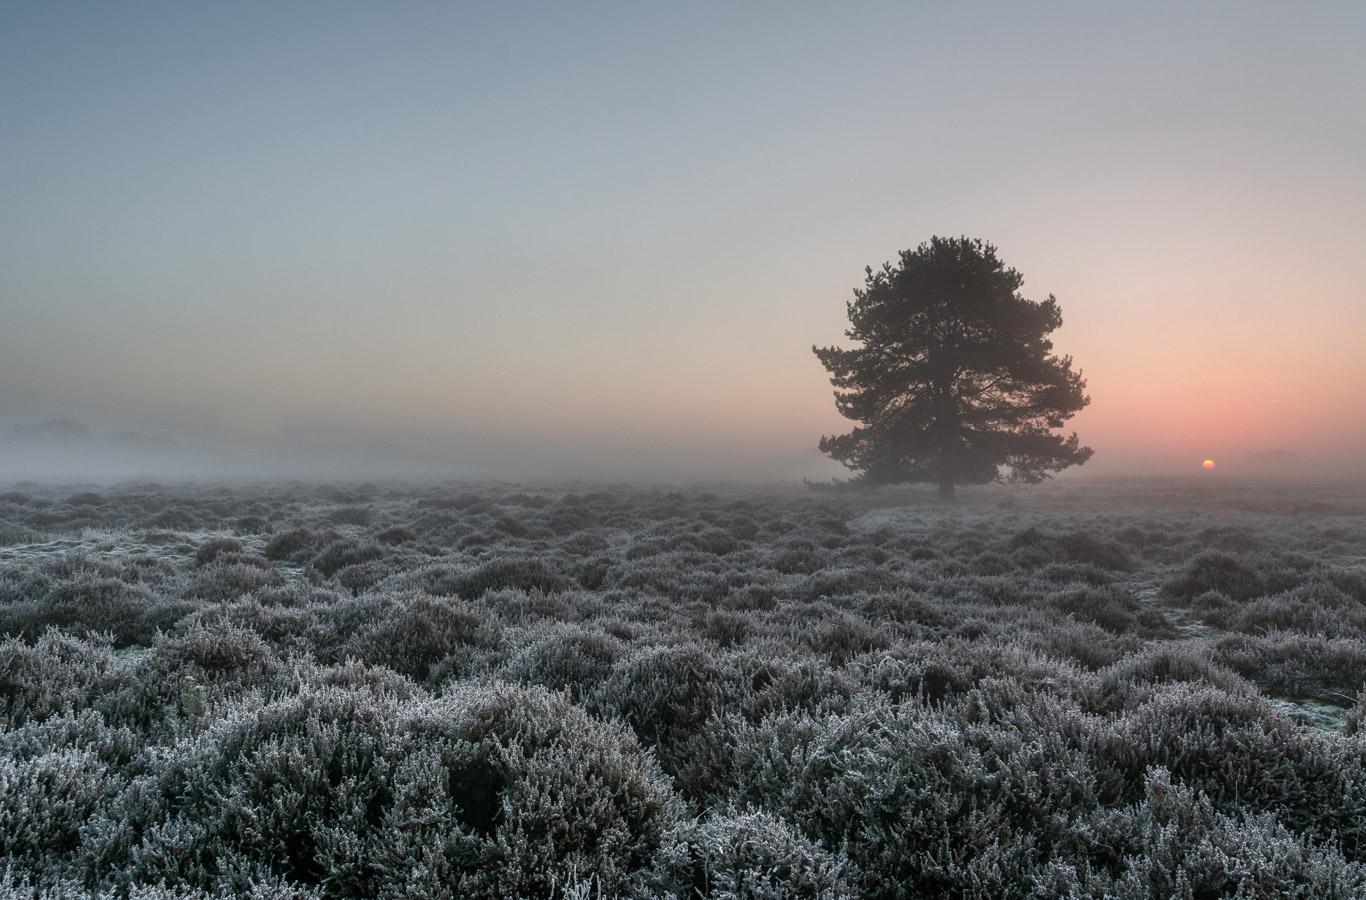 Лори Рид / Laurie Reed, Фотоконкурс RMetS / RPS Weather